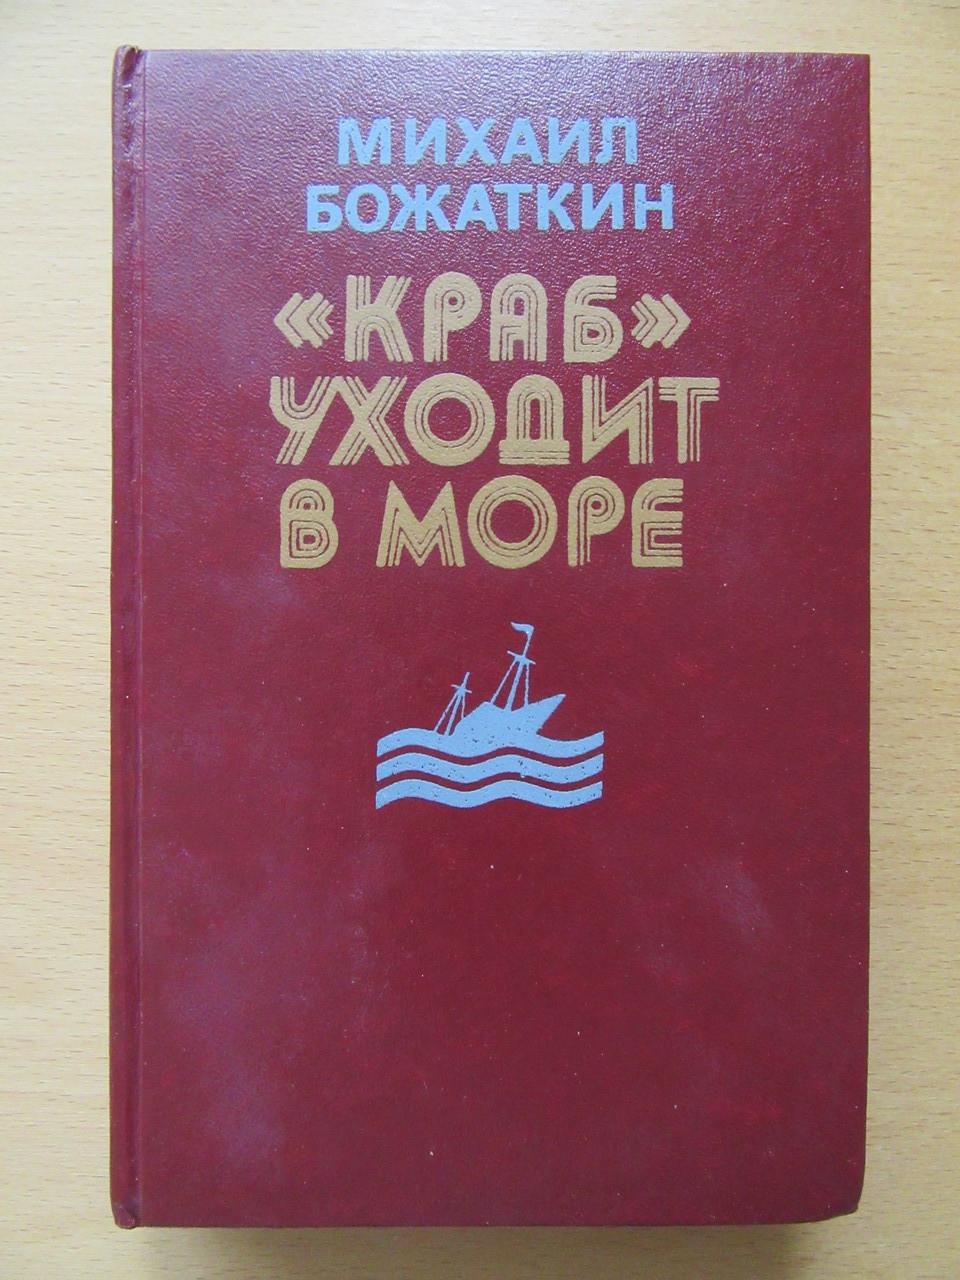 """Михаил Божаткин. """"Краб"""" уходит в море"""